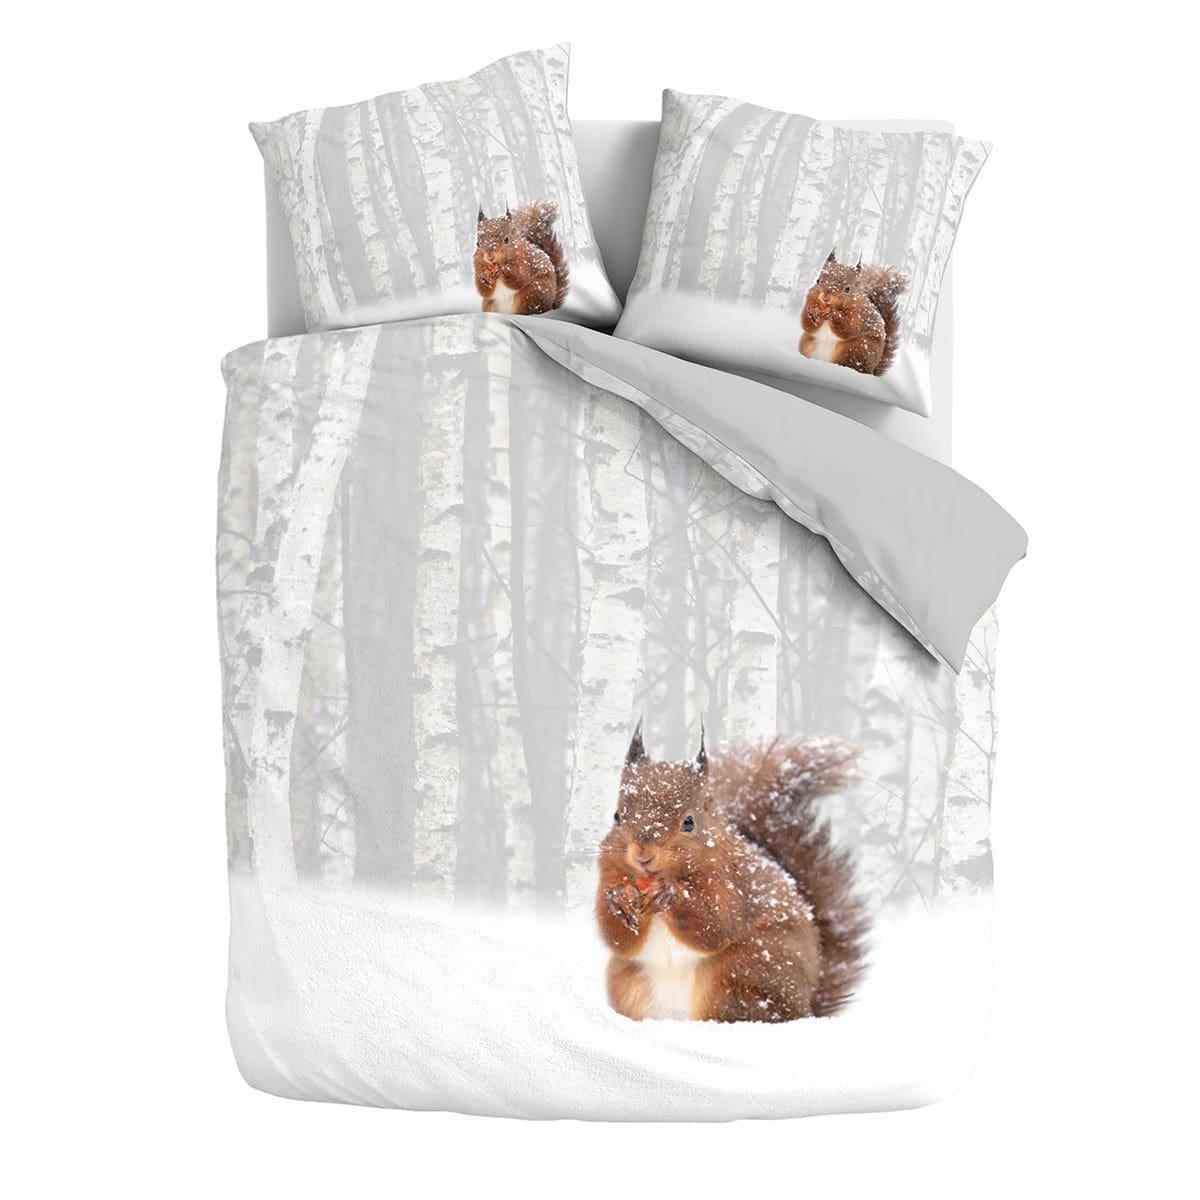 traumschlaf flanell eichh rnchen bettw sche milou g nstig online kaufen bei bettwaren shop. Black Bedroom Furniture Sets. Home Design Ideas